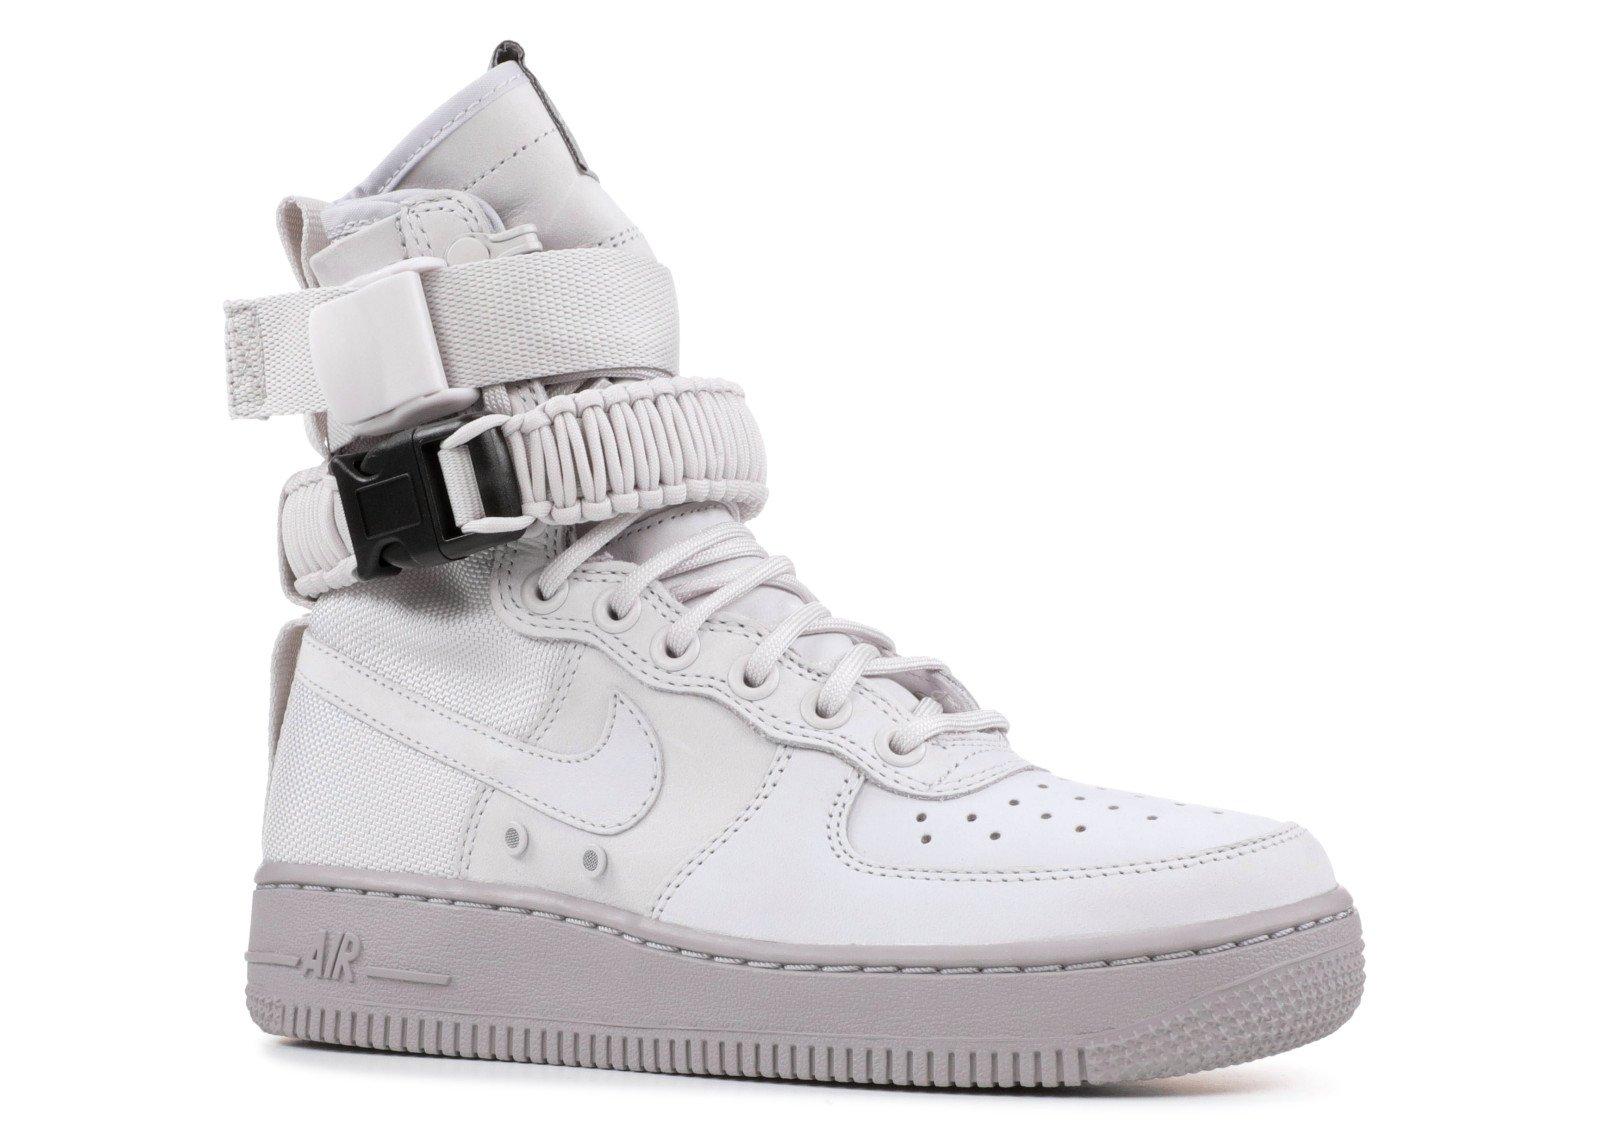 the latest f5ff7 08352 Nike W SF AF1 Womens Fashion-Sneakers 857872-003_5 - Vast Grey/Vast  Grey-Atmosphere Grey